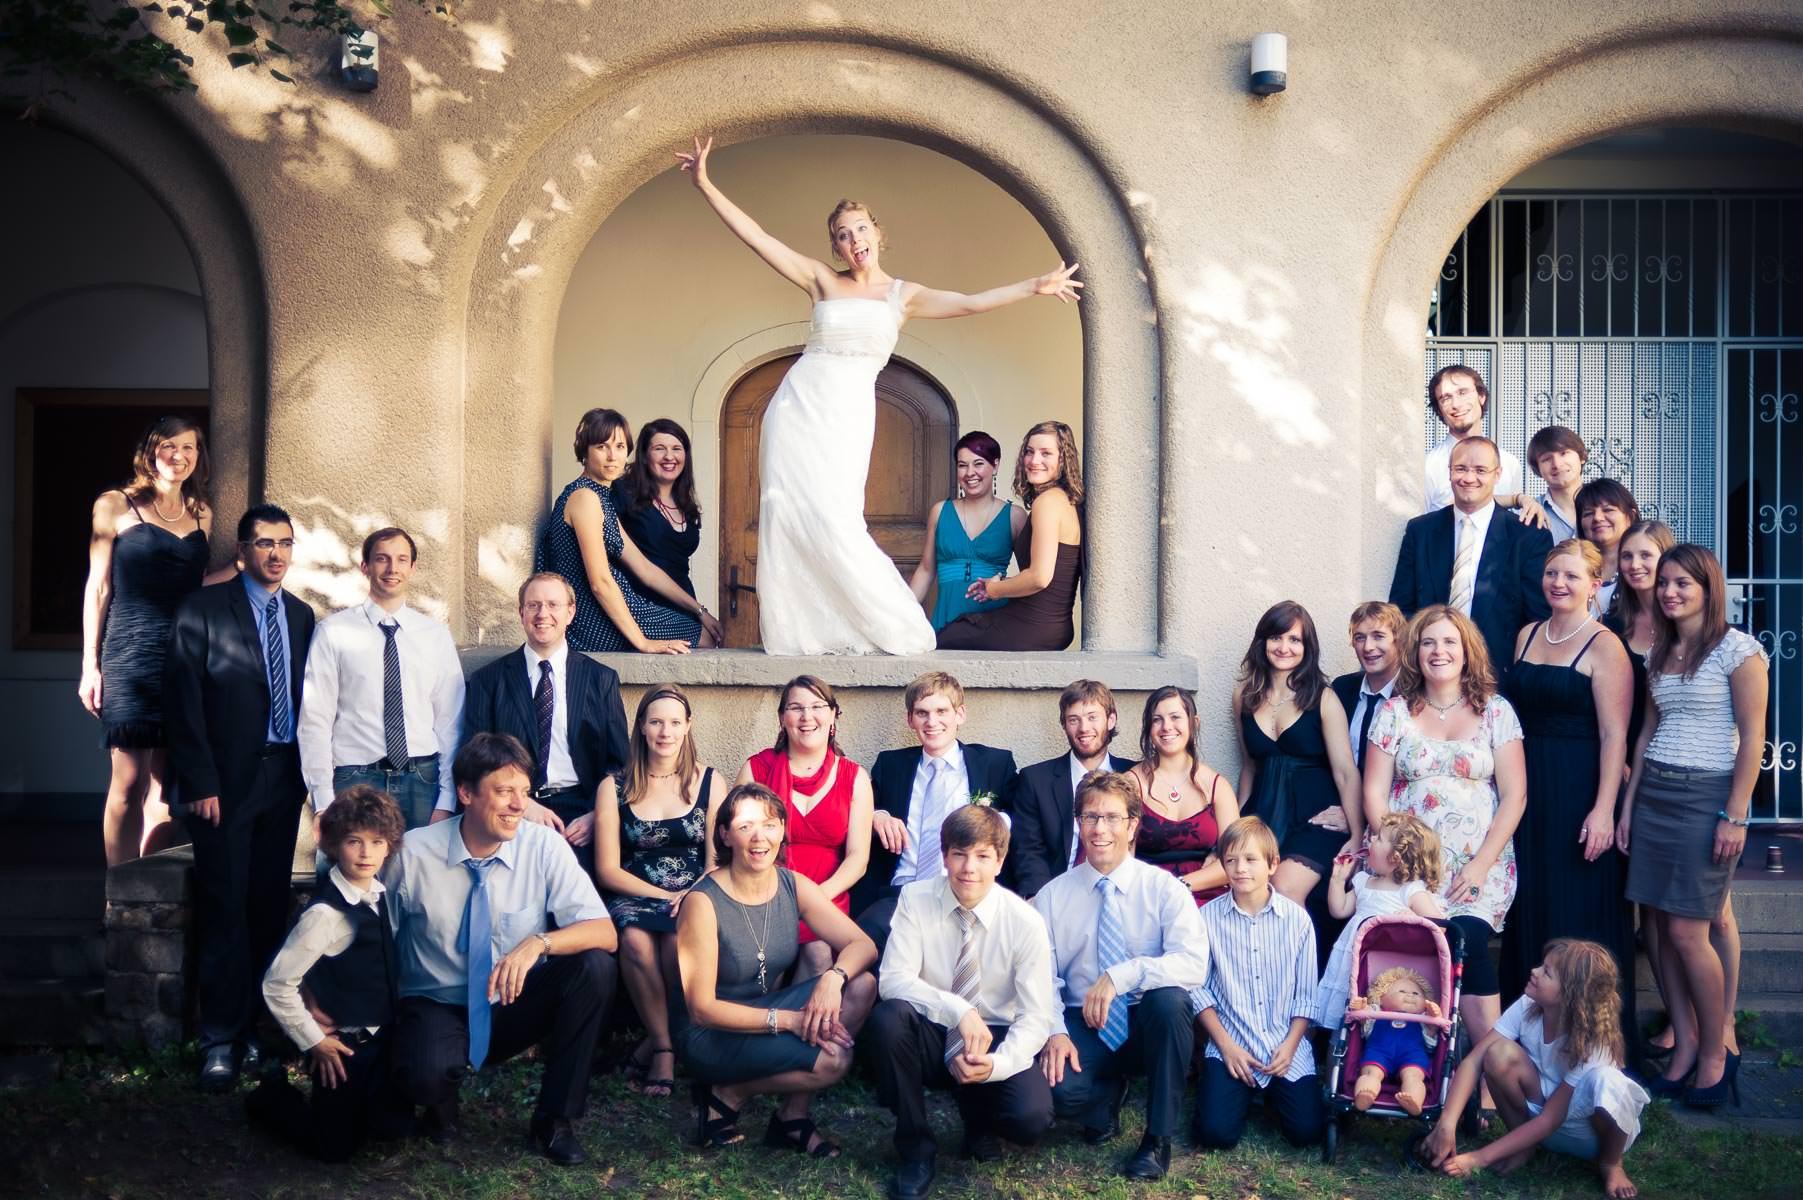 dynamisches gruppenbild auf der hochzeit, die Braut macht eine sportliche Bewegung während die Gesellschaft um sie herum sitzt